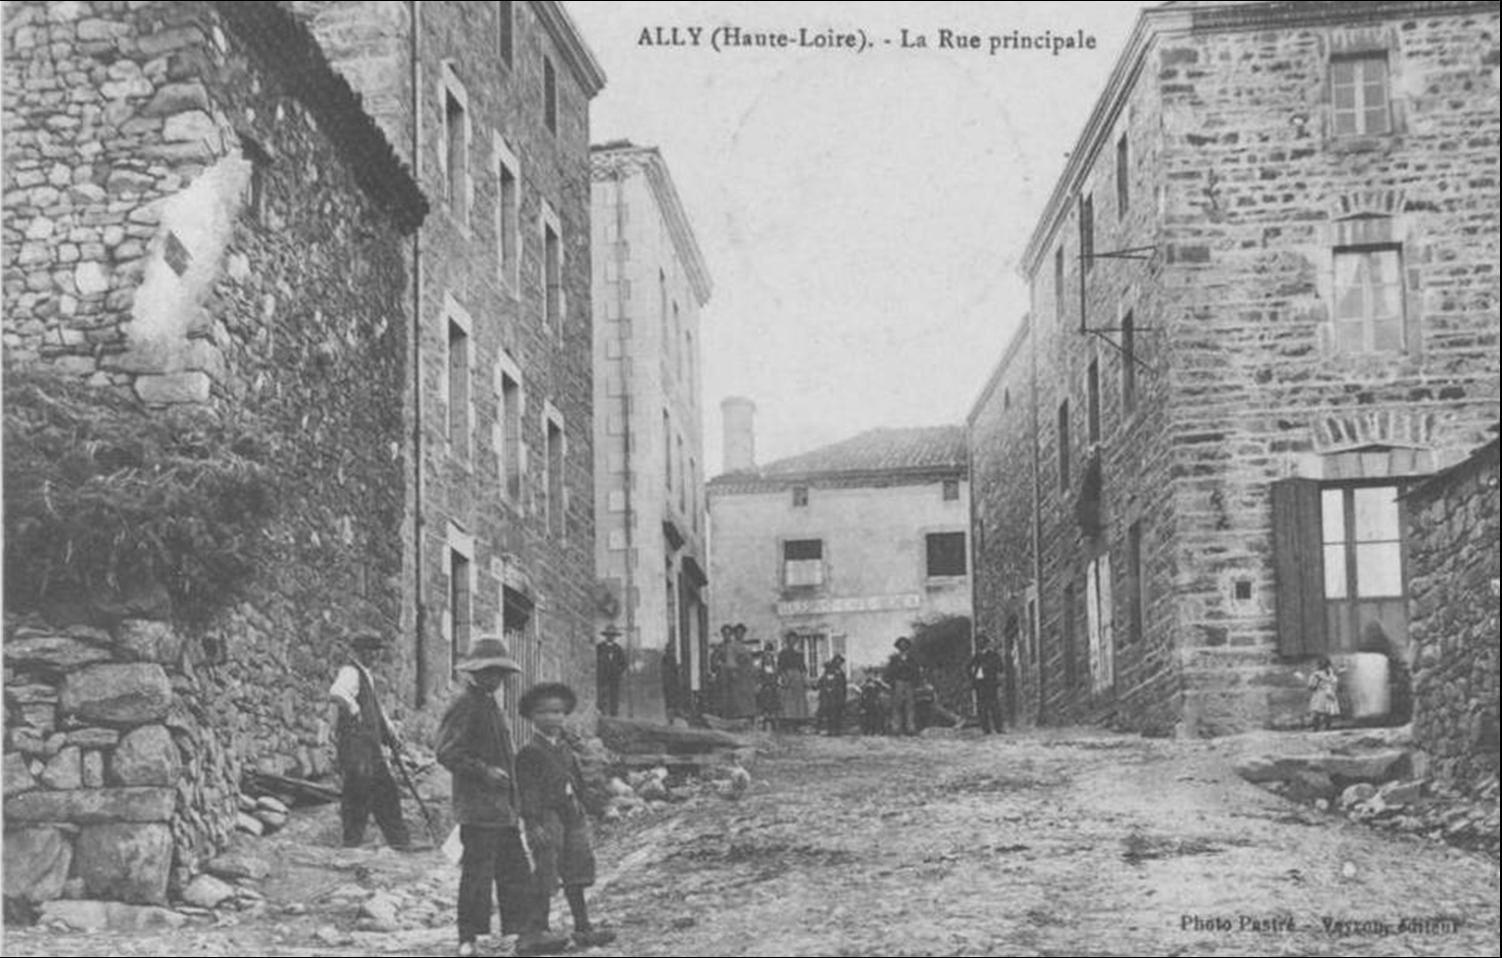 Les villages de Haute-Loire:Ally